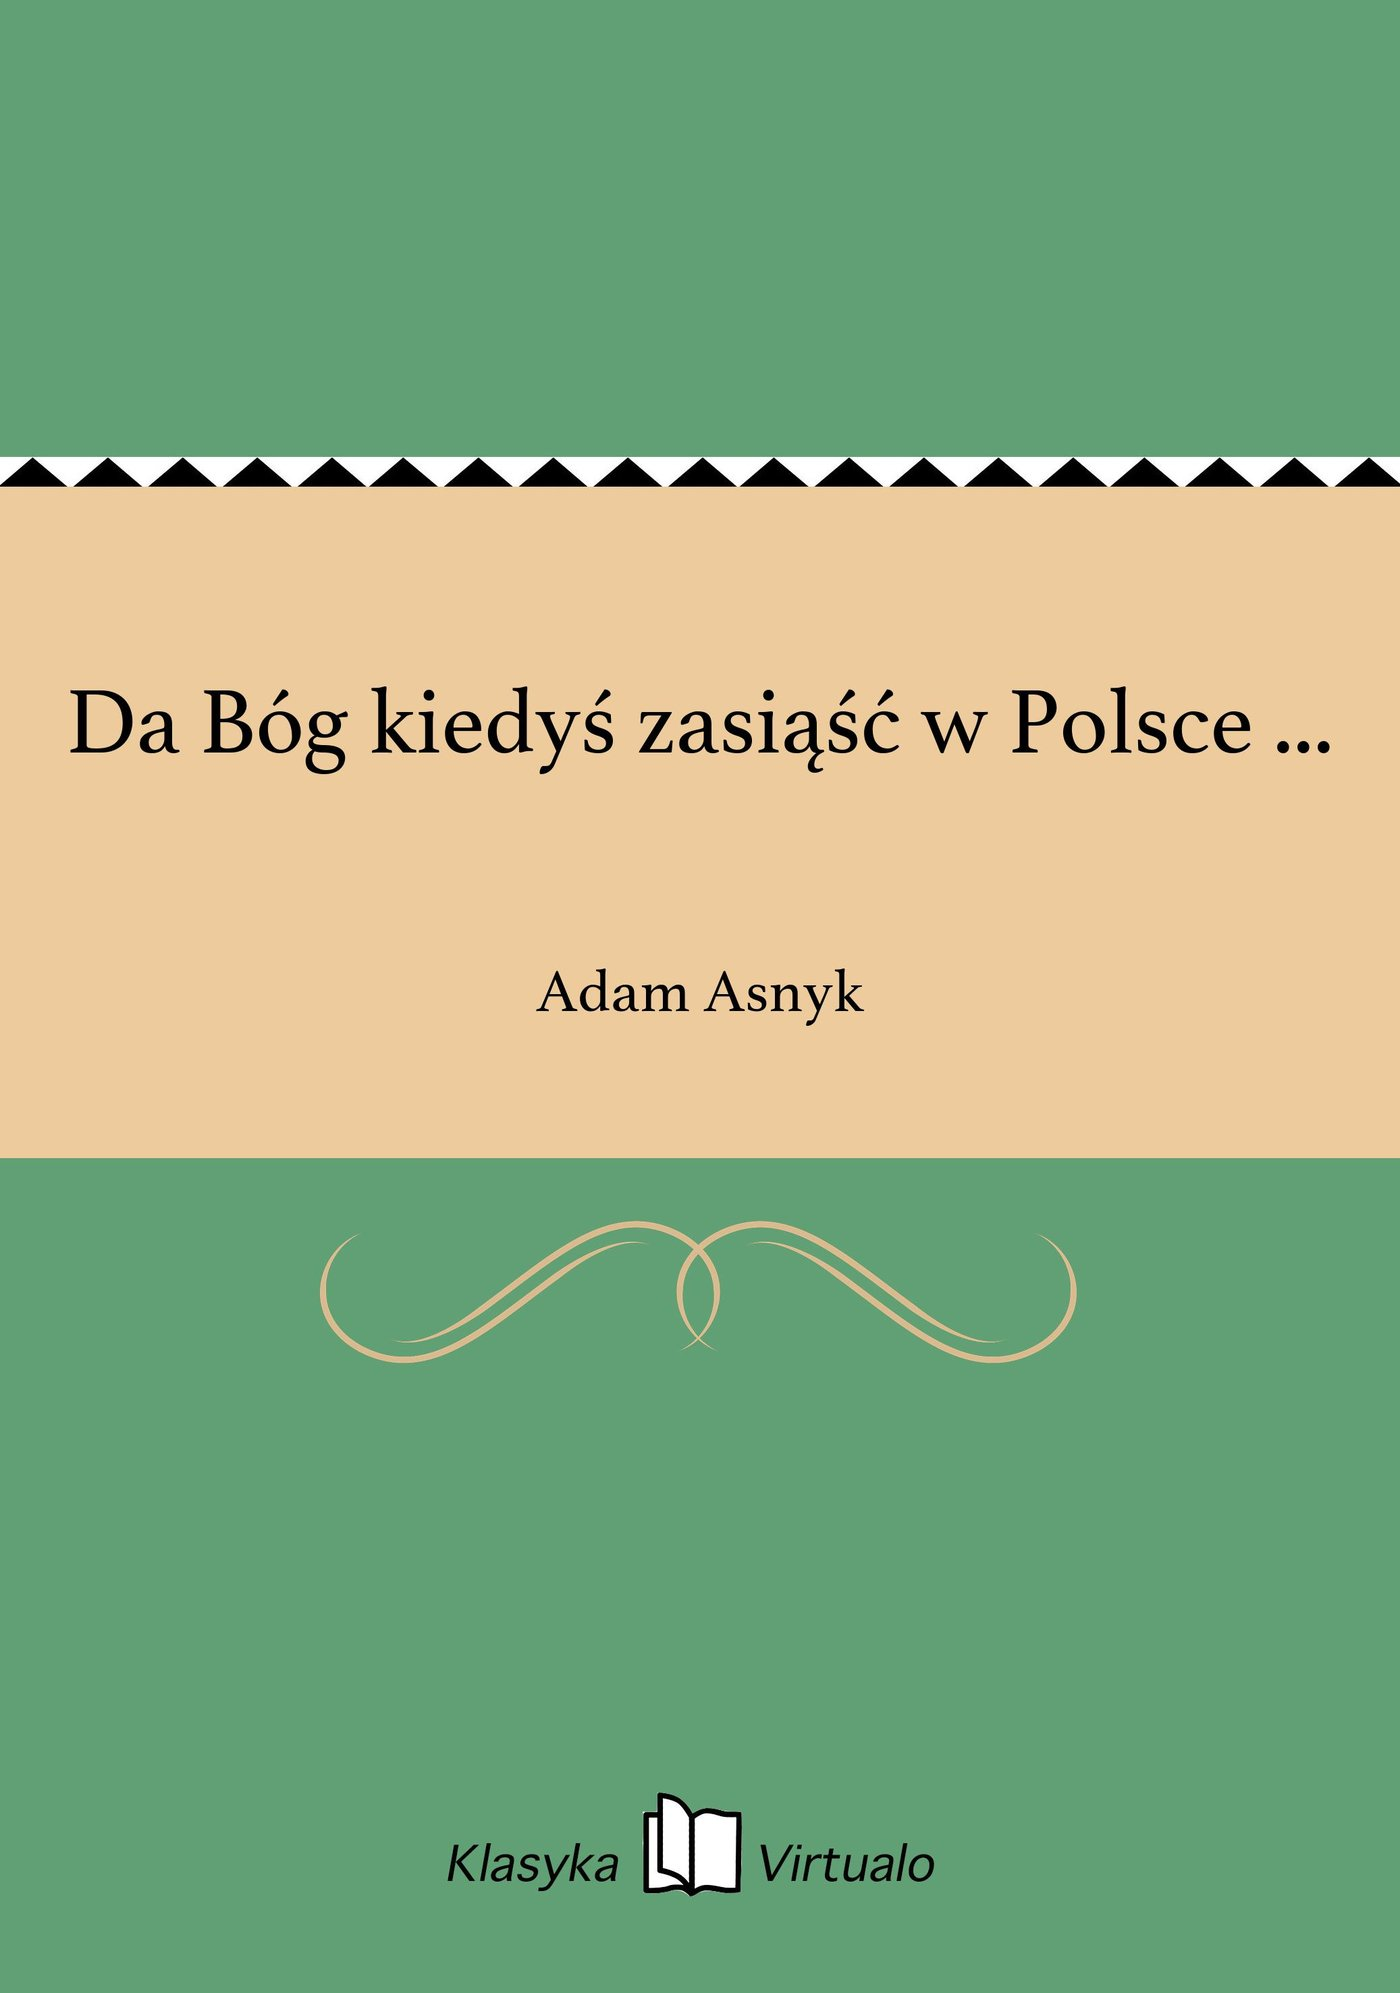 Da Bóg kiedyś zasiąść w Polsce ... - Ebook (Książka EPUB) do pobrania w formacie EPUB